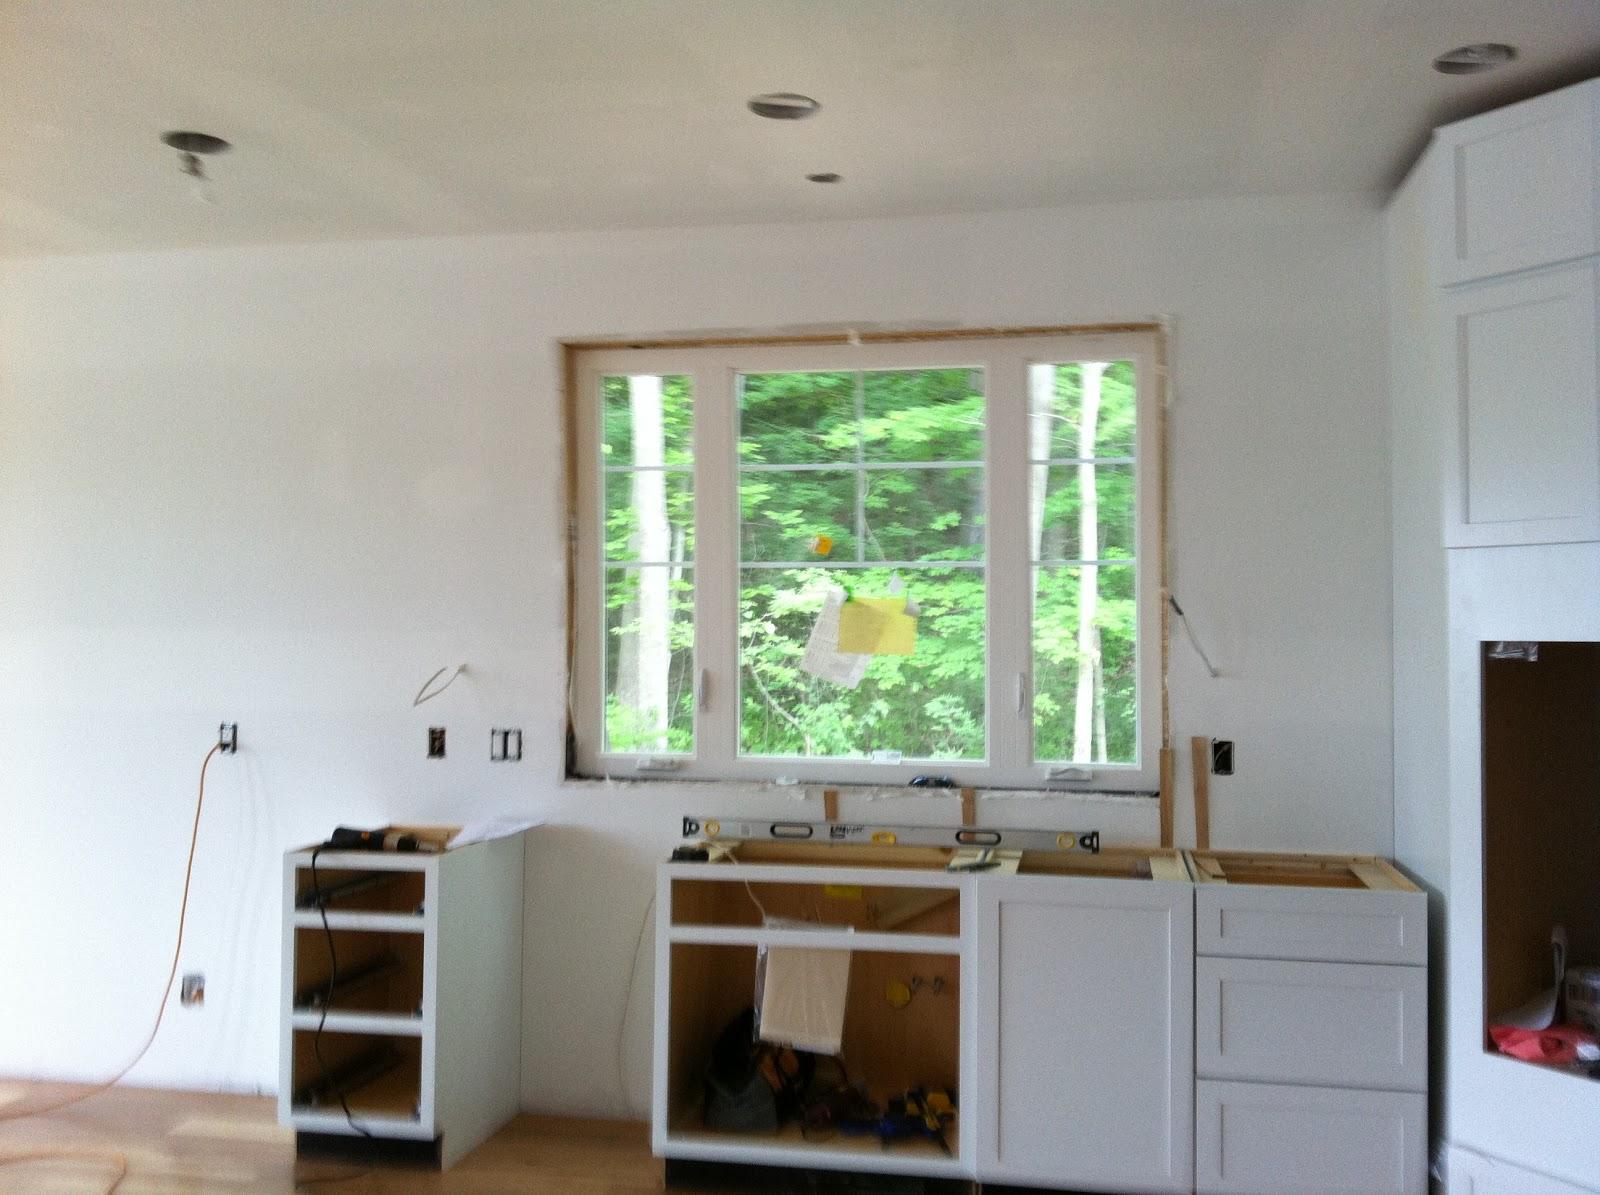 Kraftmaid Kitchen Cabinets Starting